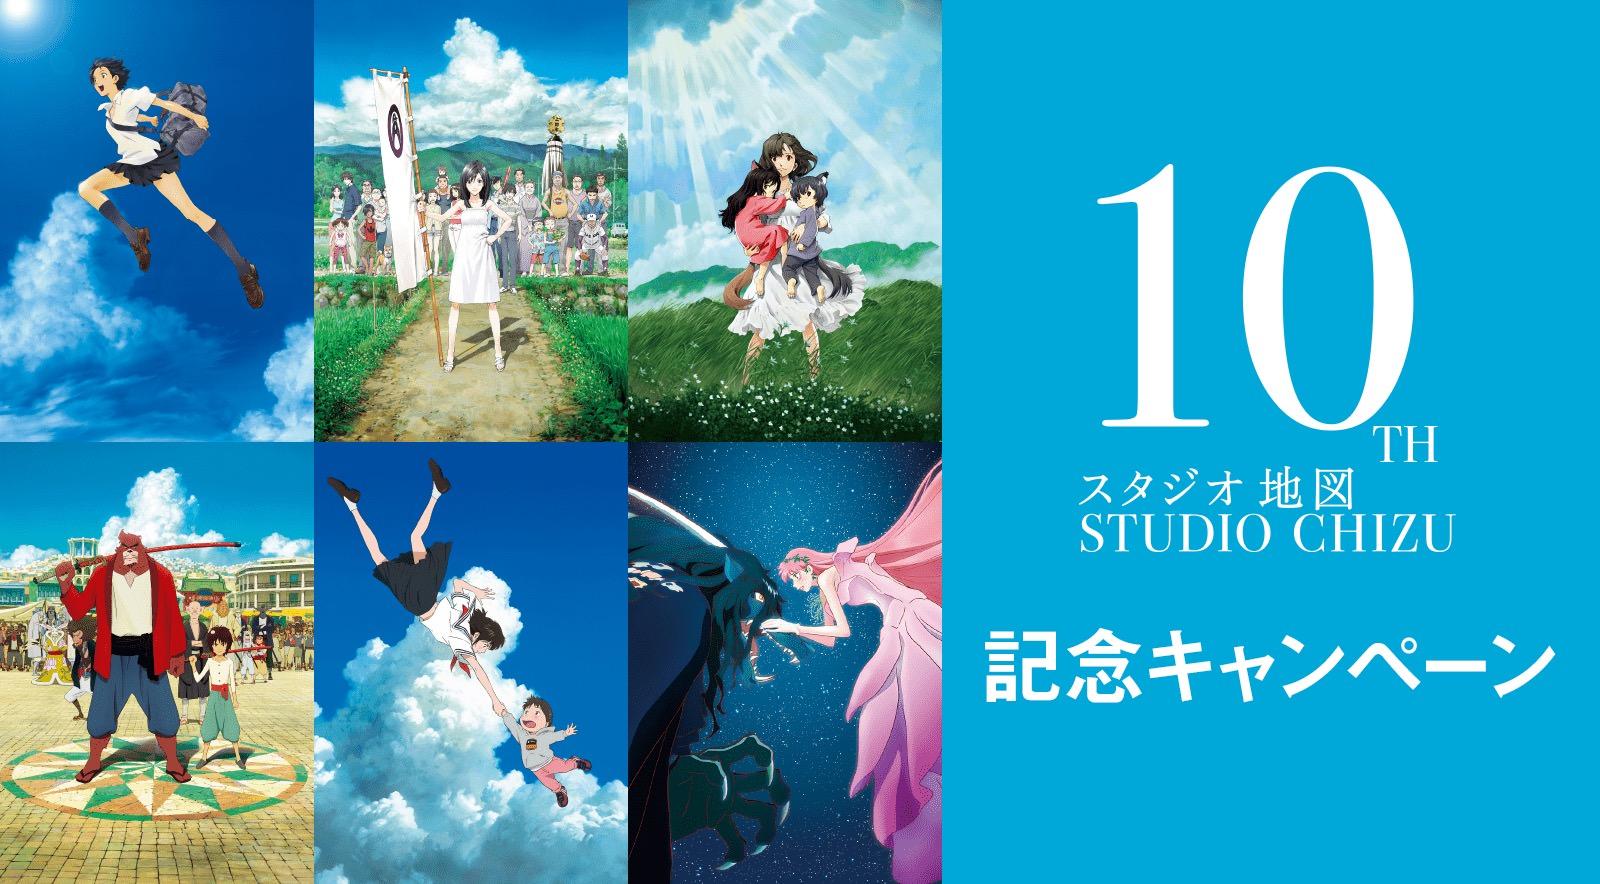 スタジオ地図 × ローソン全国 7月20日より限定クリアファイル登場!